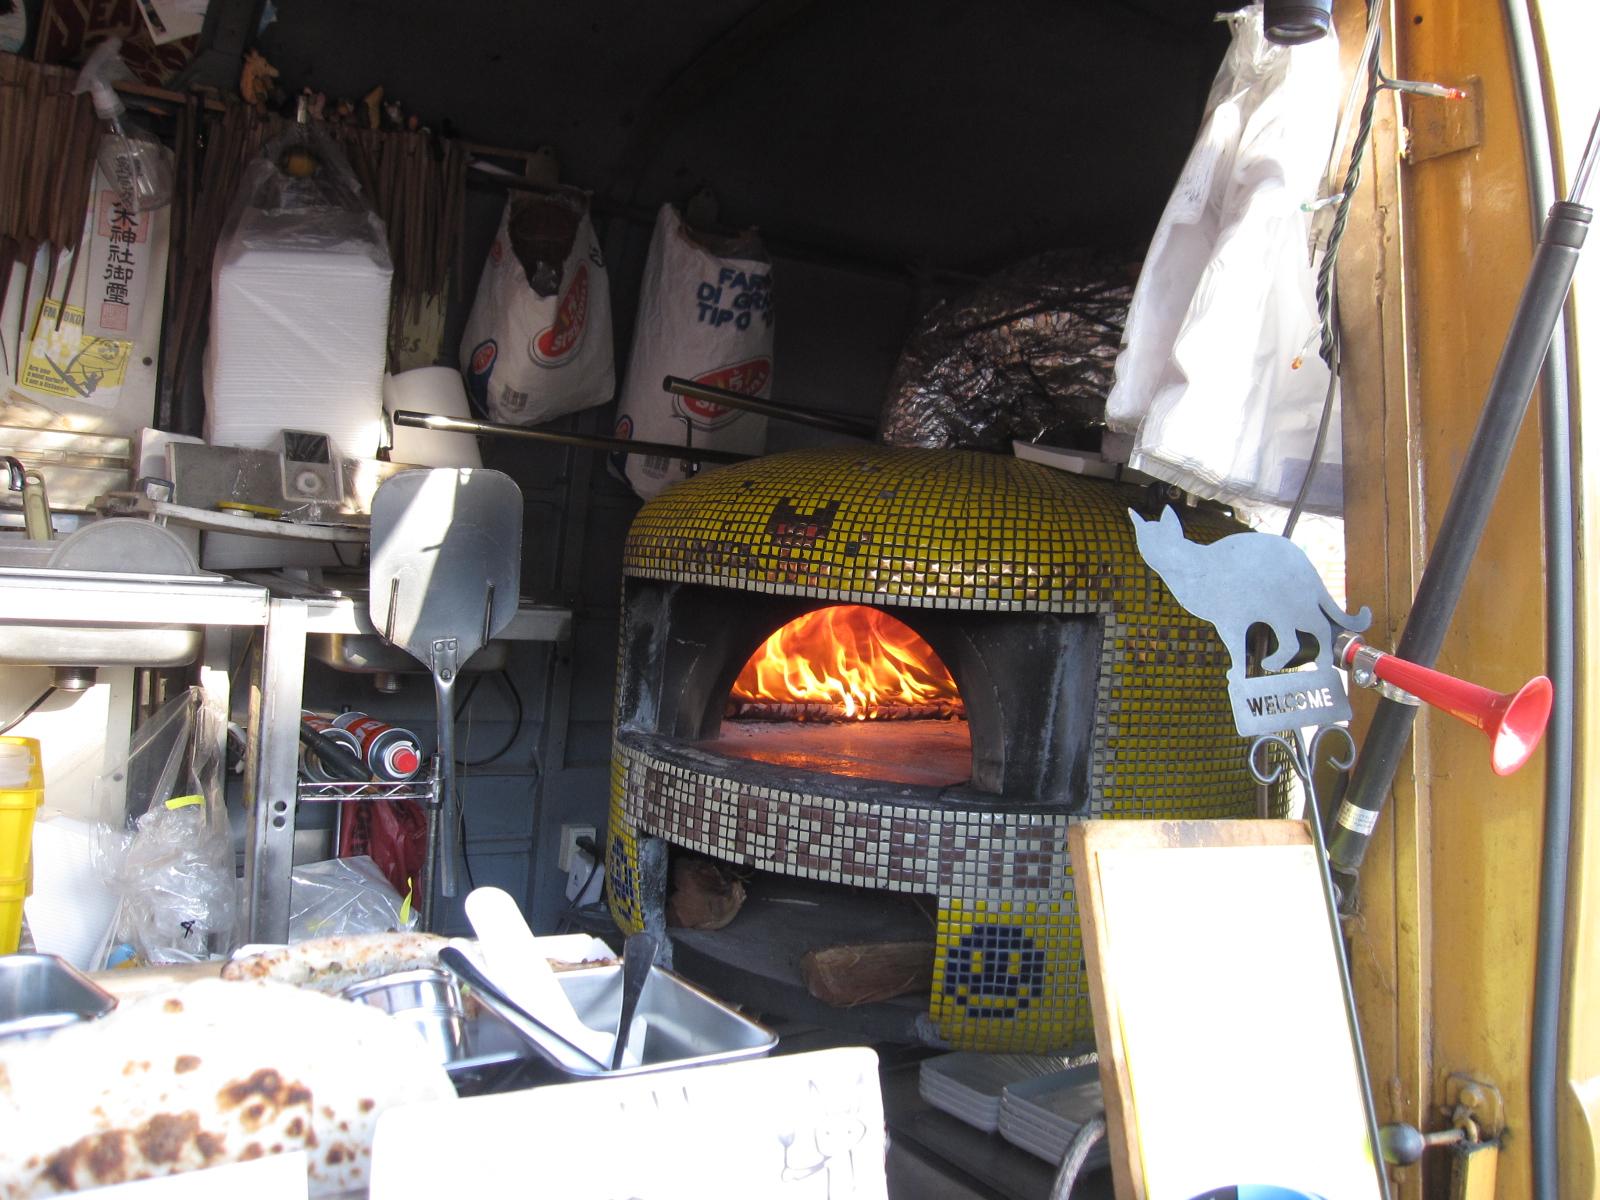 料理は炎の色も味わいだよね!